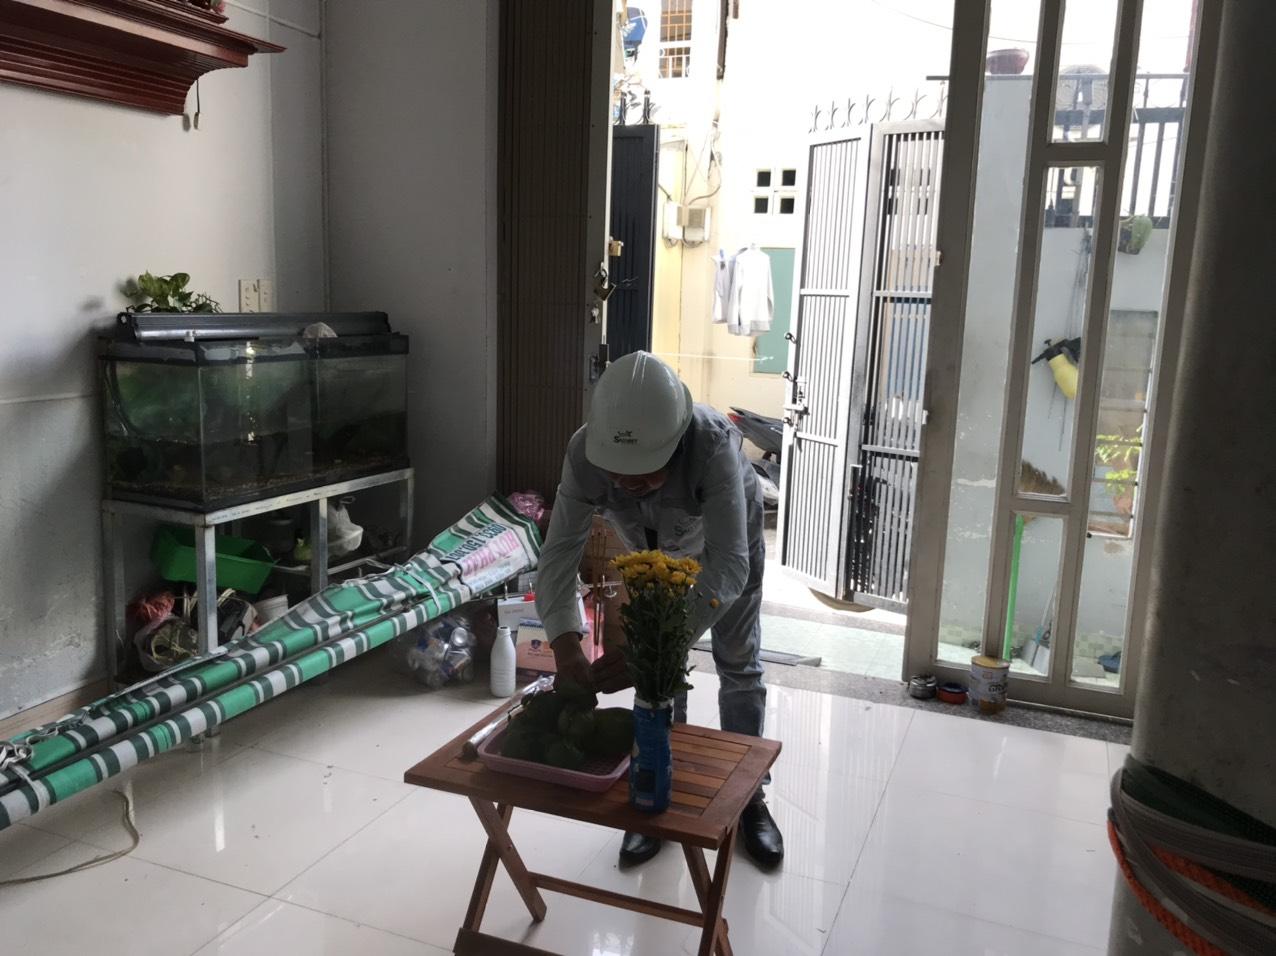 z2103147806264_97dc1c62935e962eee1cae456631d76b Dự án thi công sửa chữa nhà Chú Hạnh Tân Phú